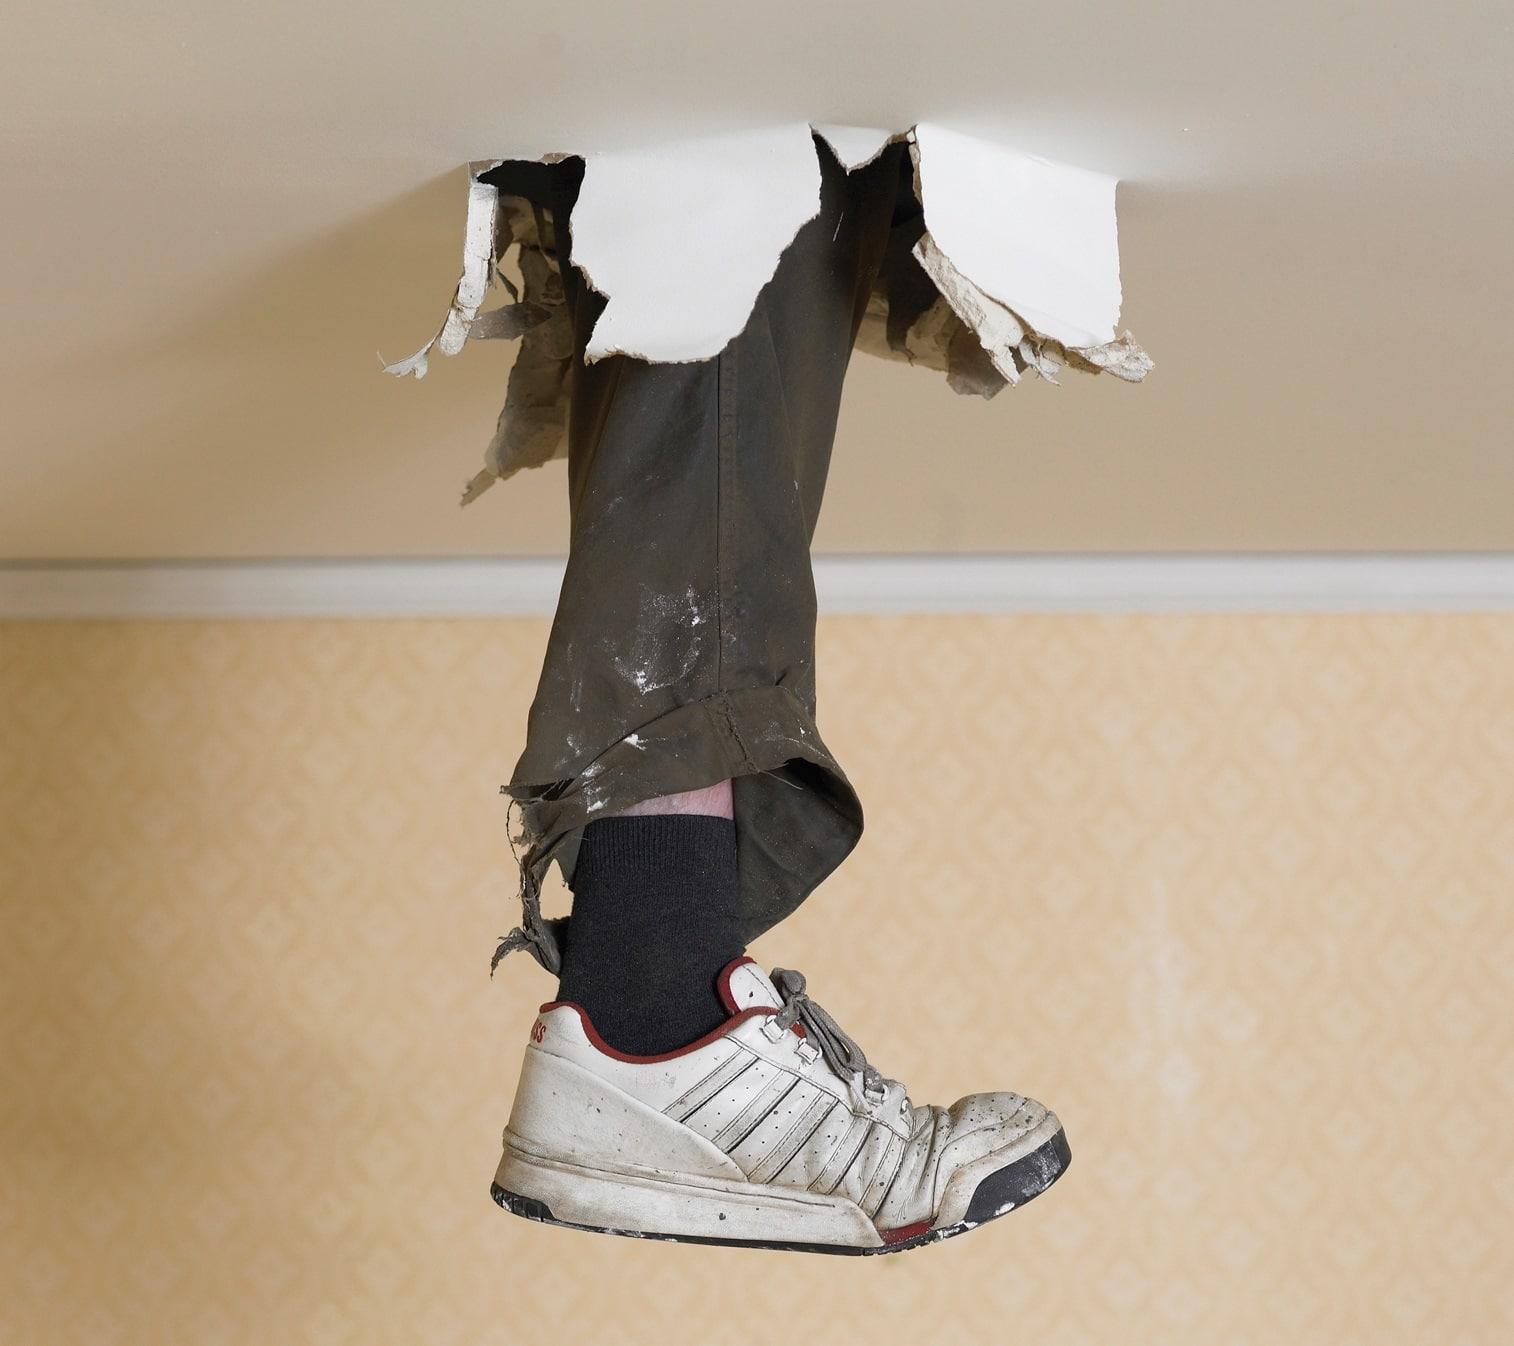 Construction immobilière , comment bien s'assurer avant, pendant et après les travaux1